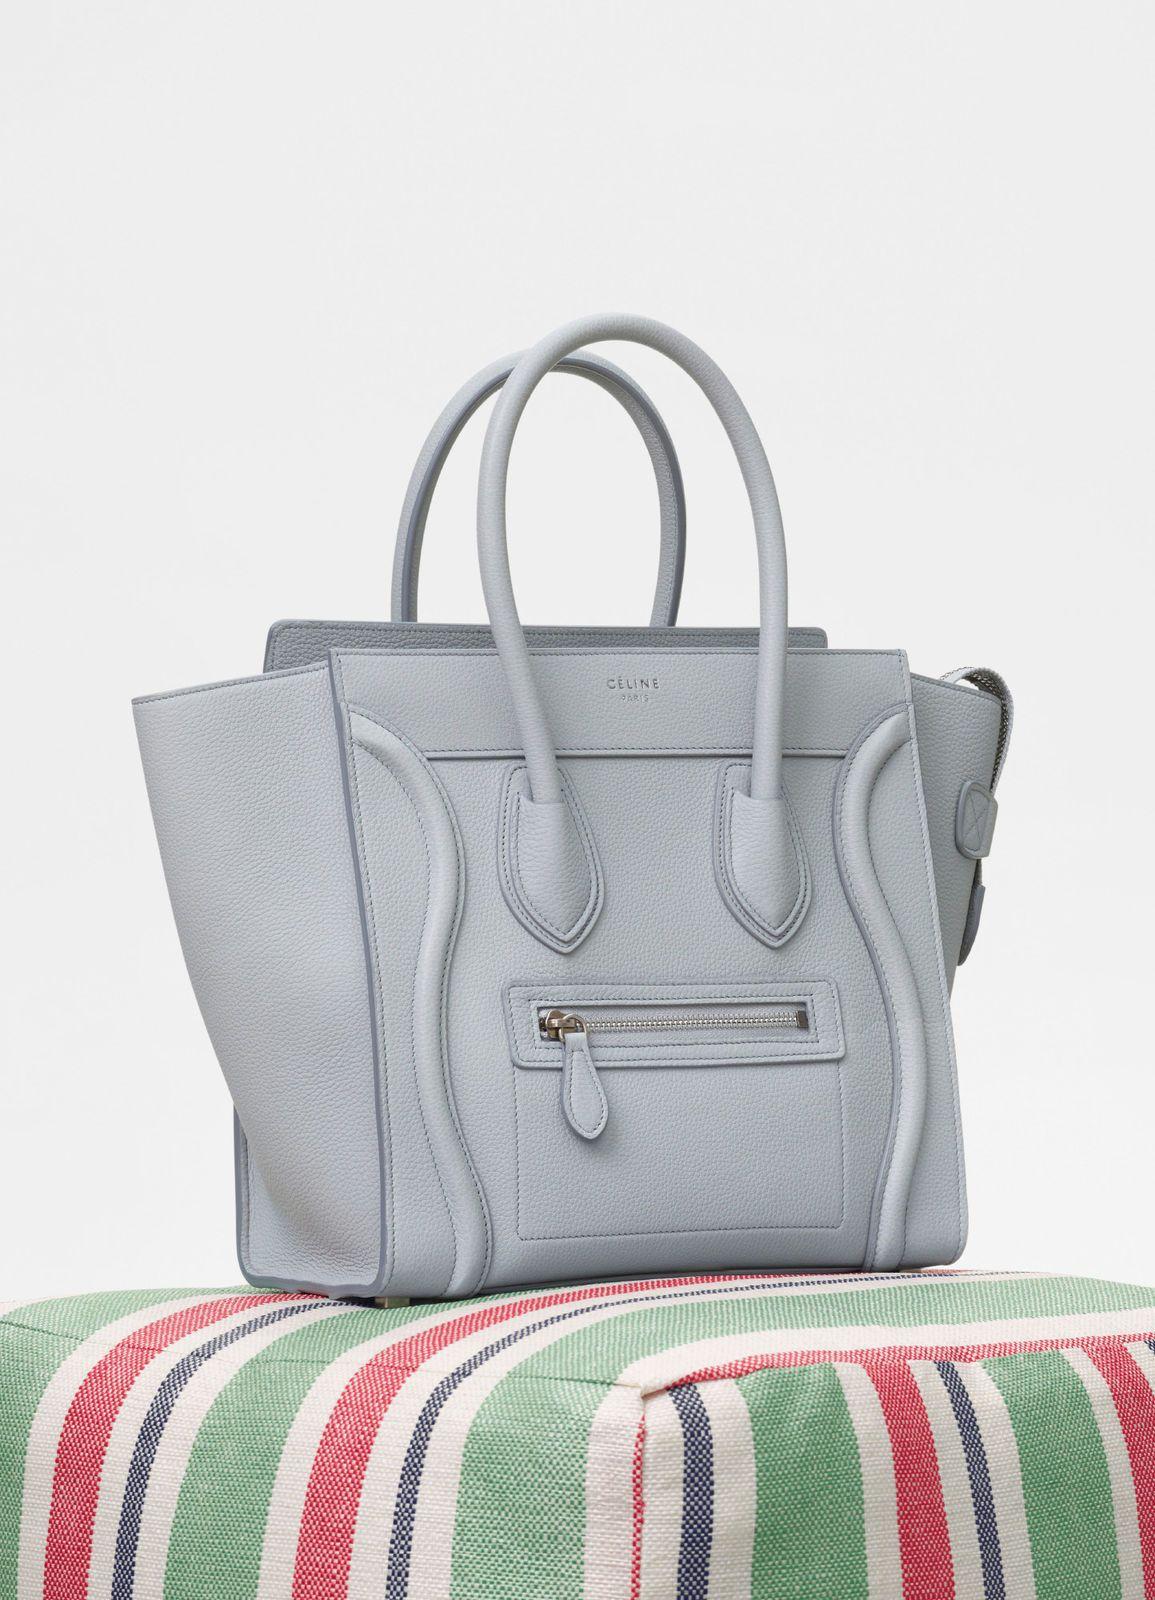 b78d2ba694a Micro Luggage handbag in baby drummed calfskin   CÉLINE   B A G bags ...